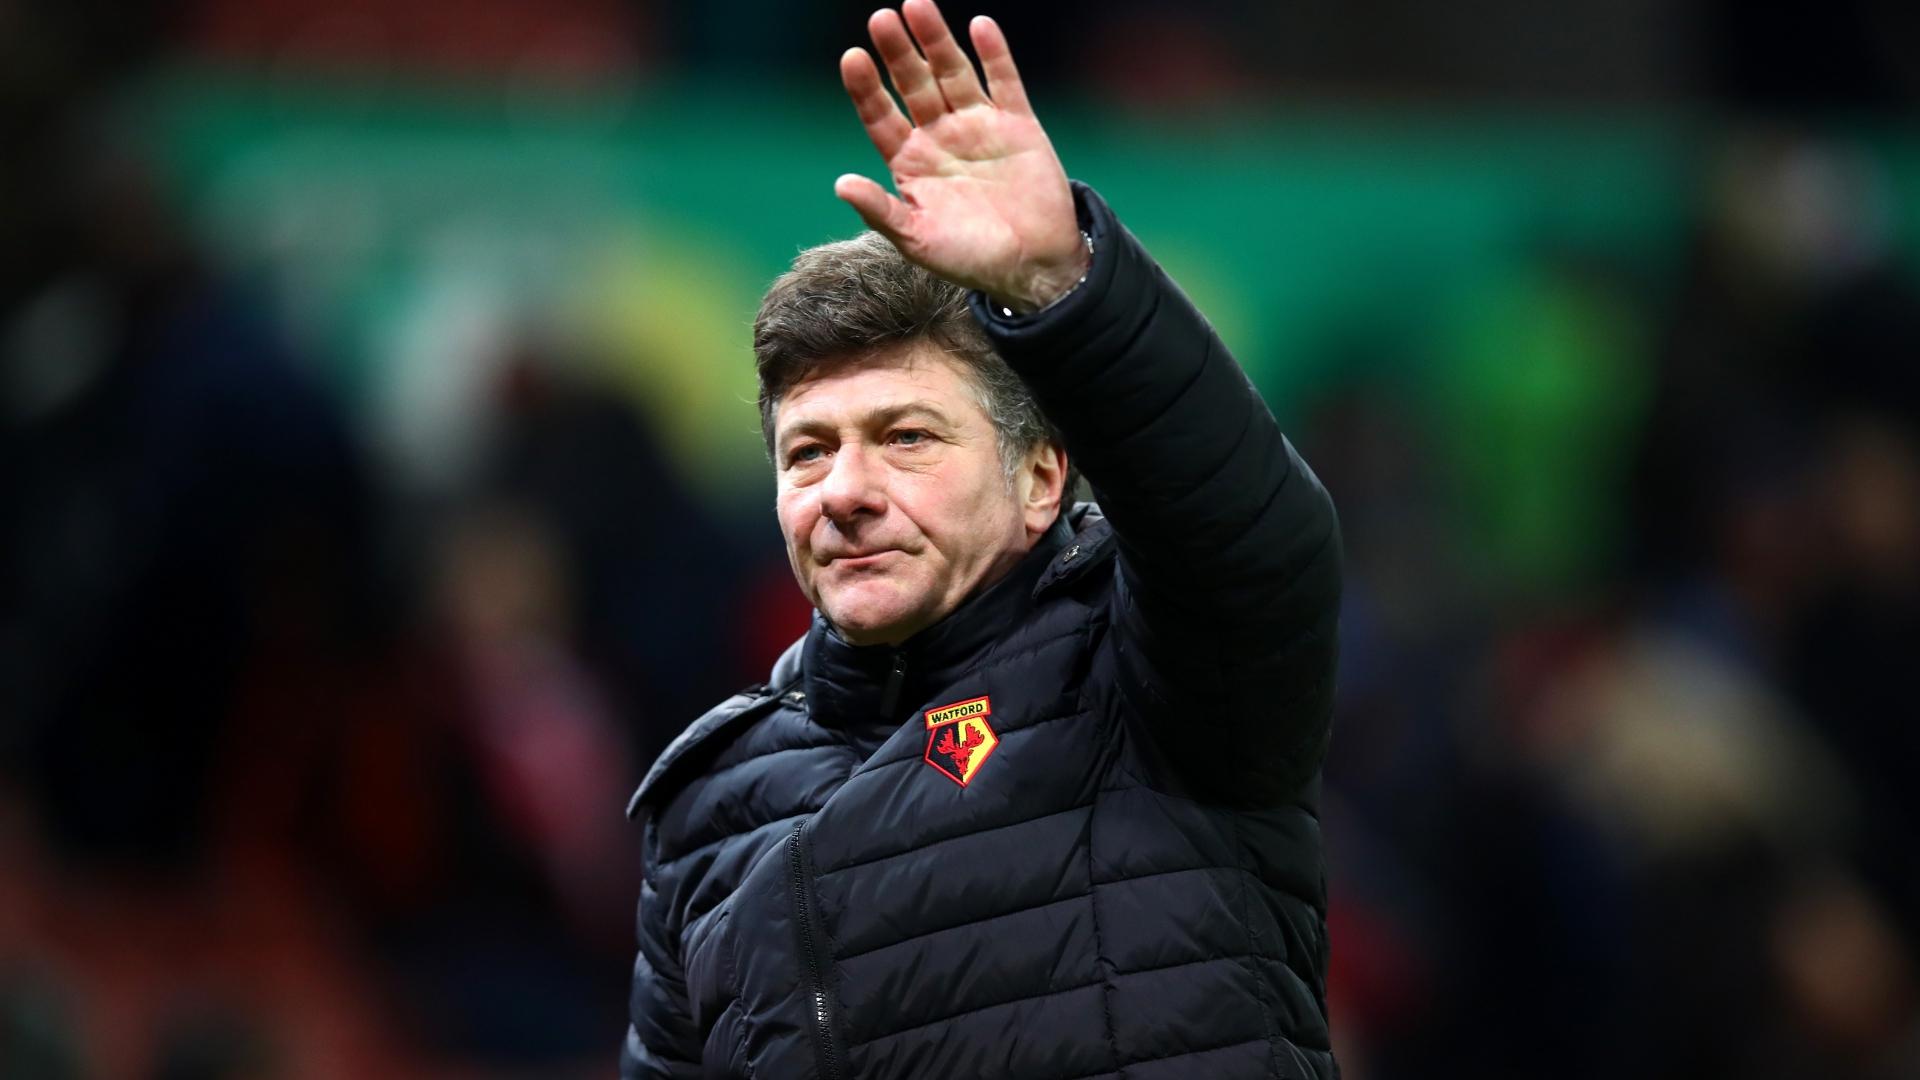 Un an après son arrivée, Walter Mazzarri quitte déjà Watford